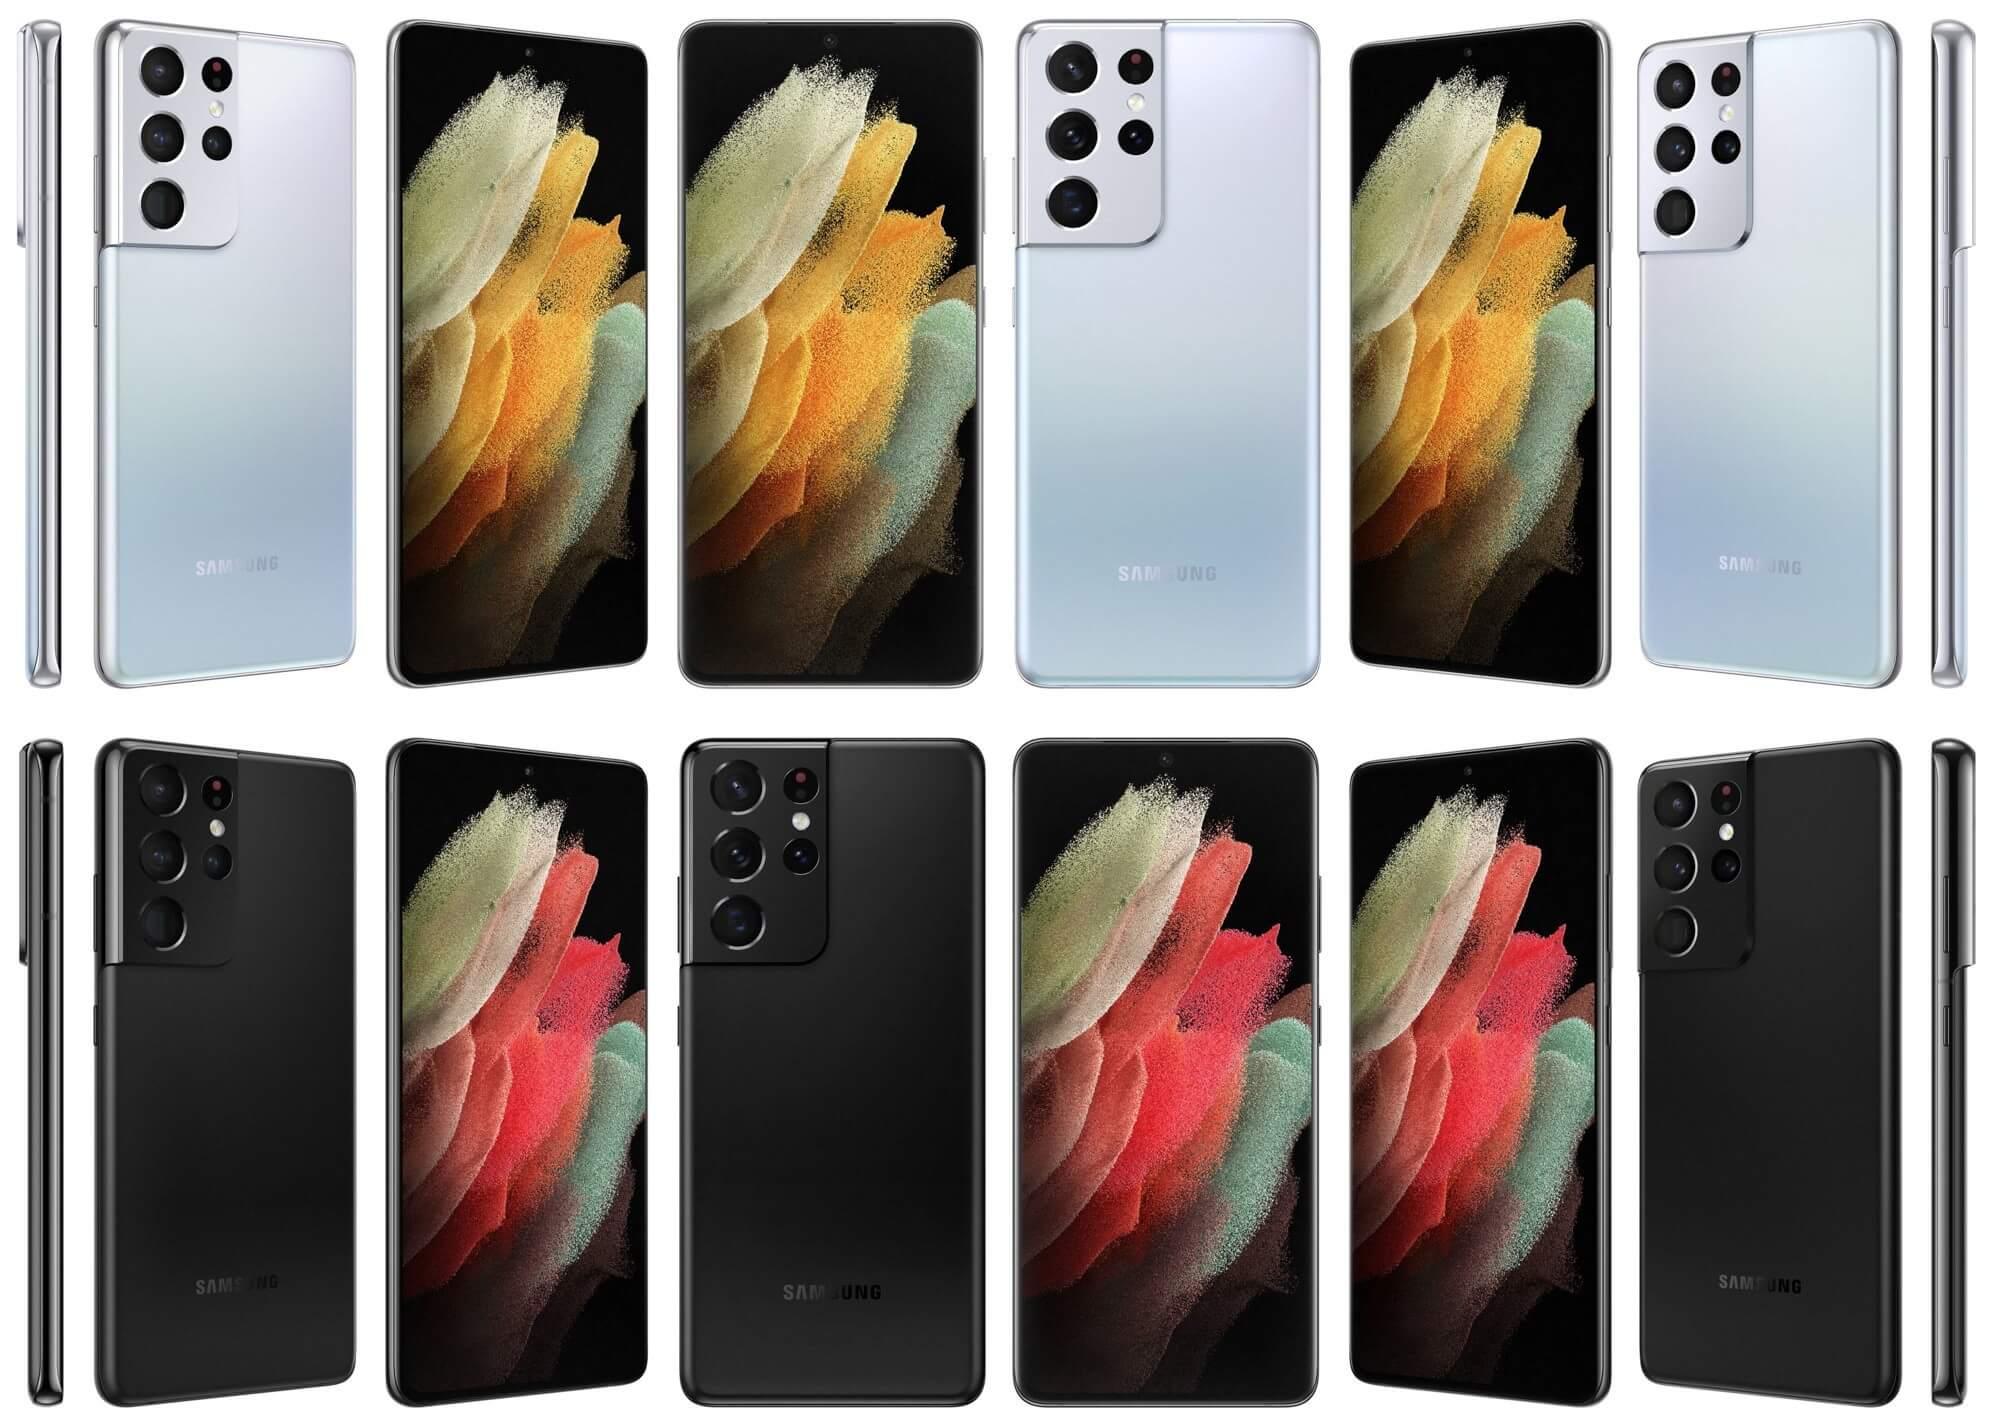 Официальные изображения Samsung Galaxy S21 утекли в сеть